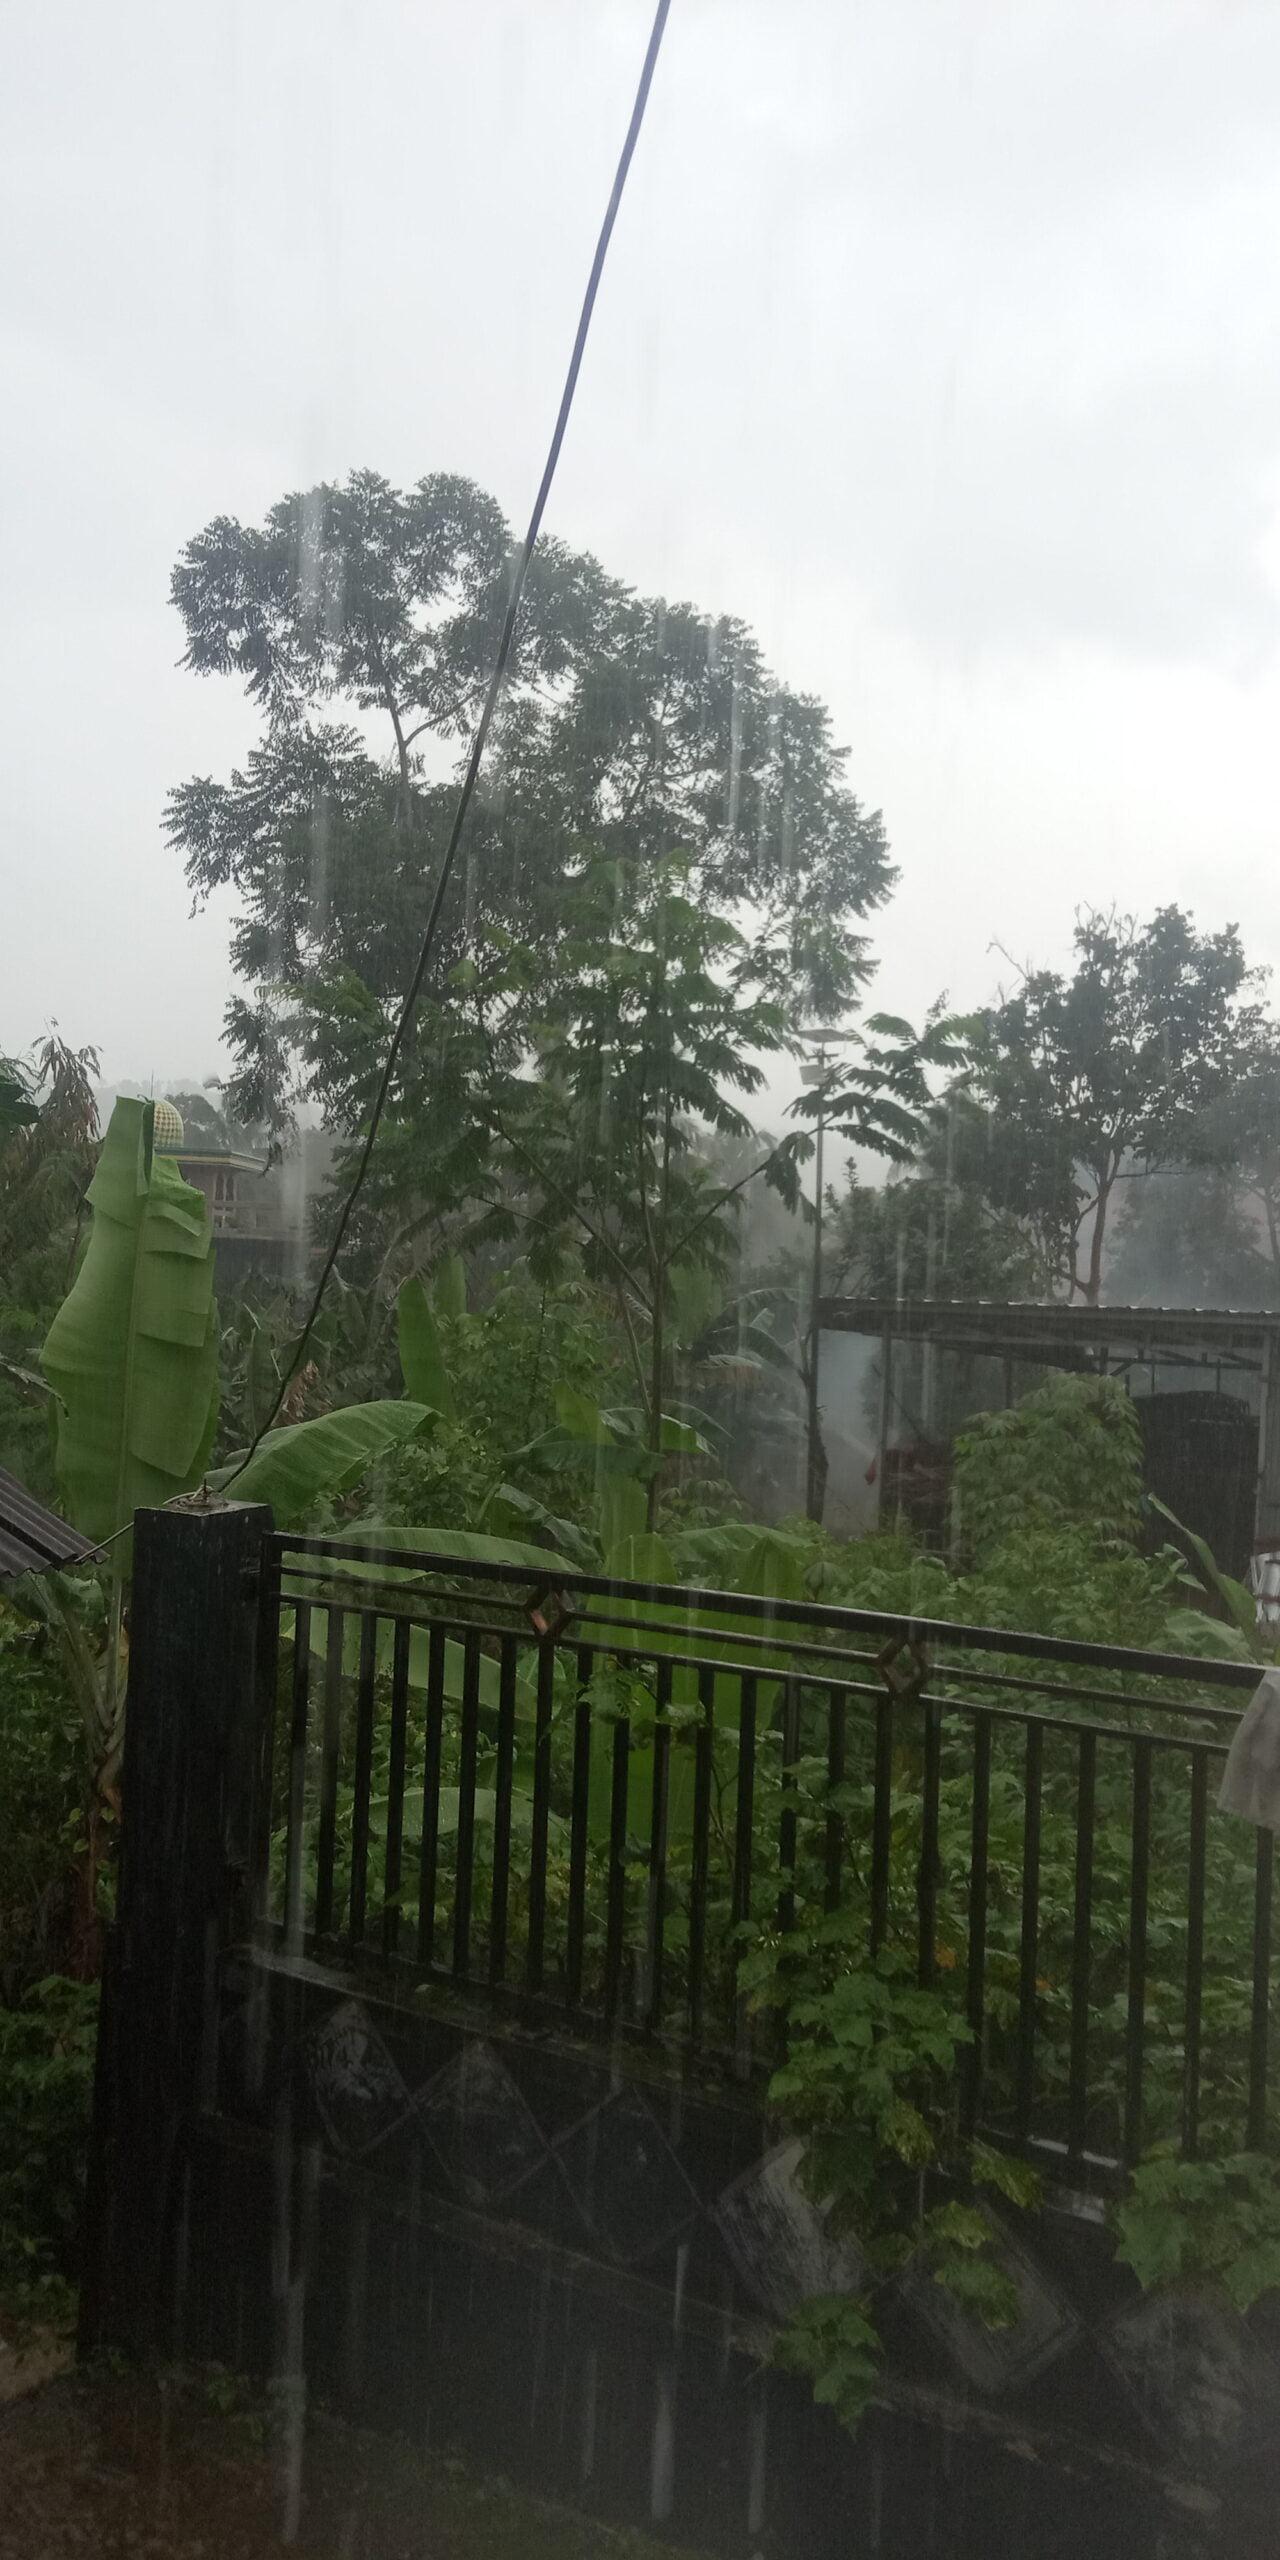 BMKG dan BNPB Rilis Peringatan Dini Potensi Hujan Deras 231